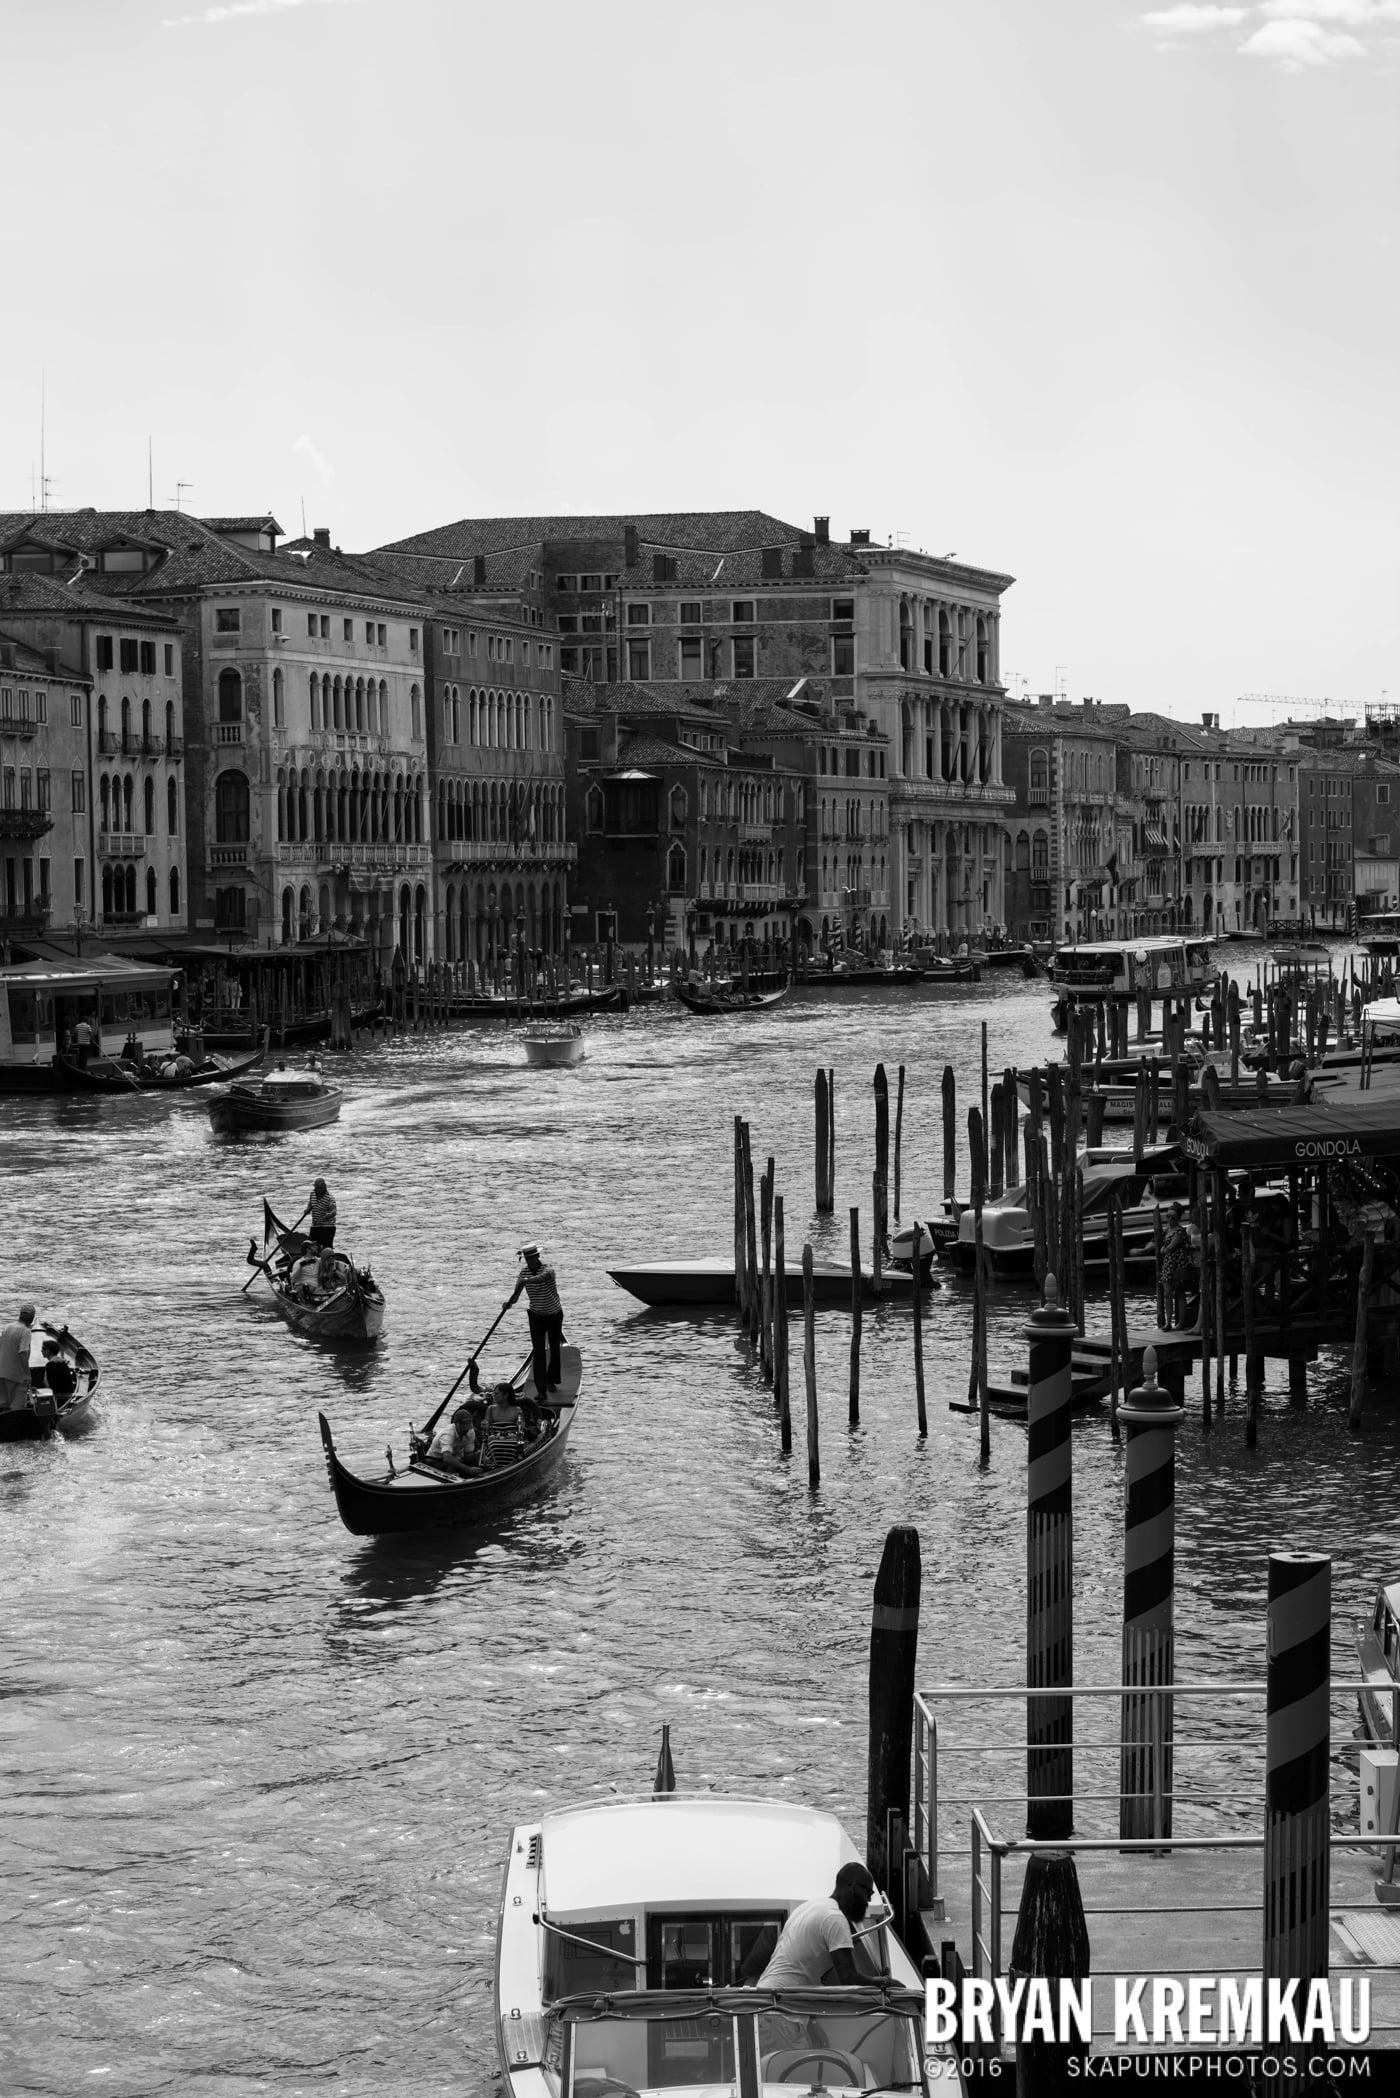 Italy Vacation - Day 5: Venice - 9.13.13 (41)